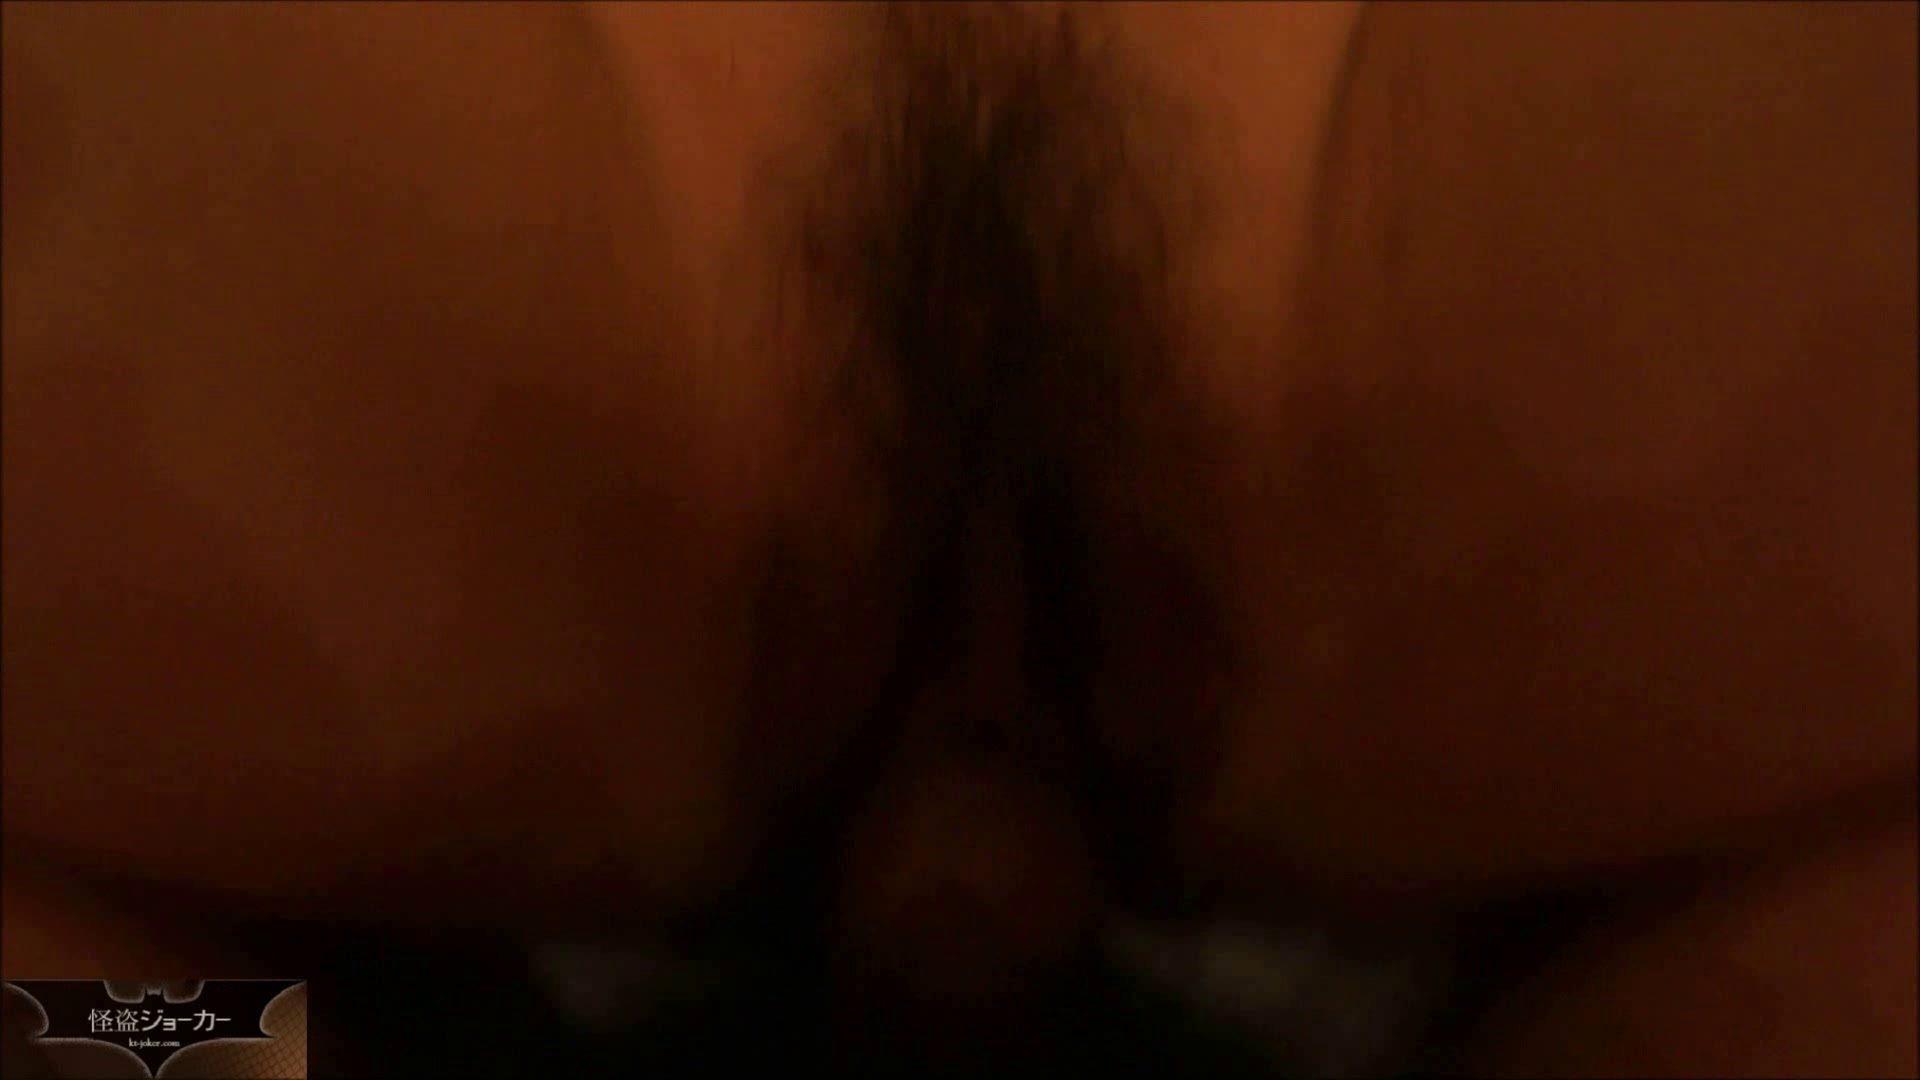 【未公開】vol.37 【援助】朋葉ちゃん、連続潮吹き・後背位で突きまくり。 アナルDEセックス   潮吹き  90連発 9